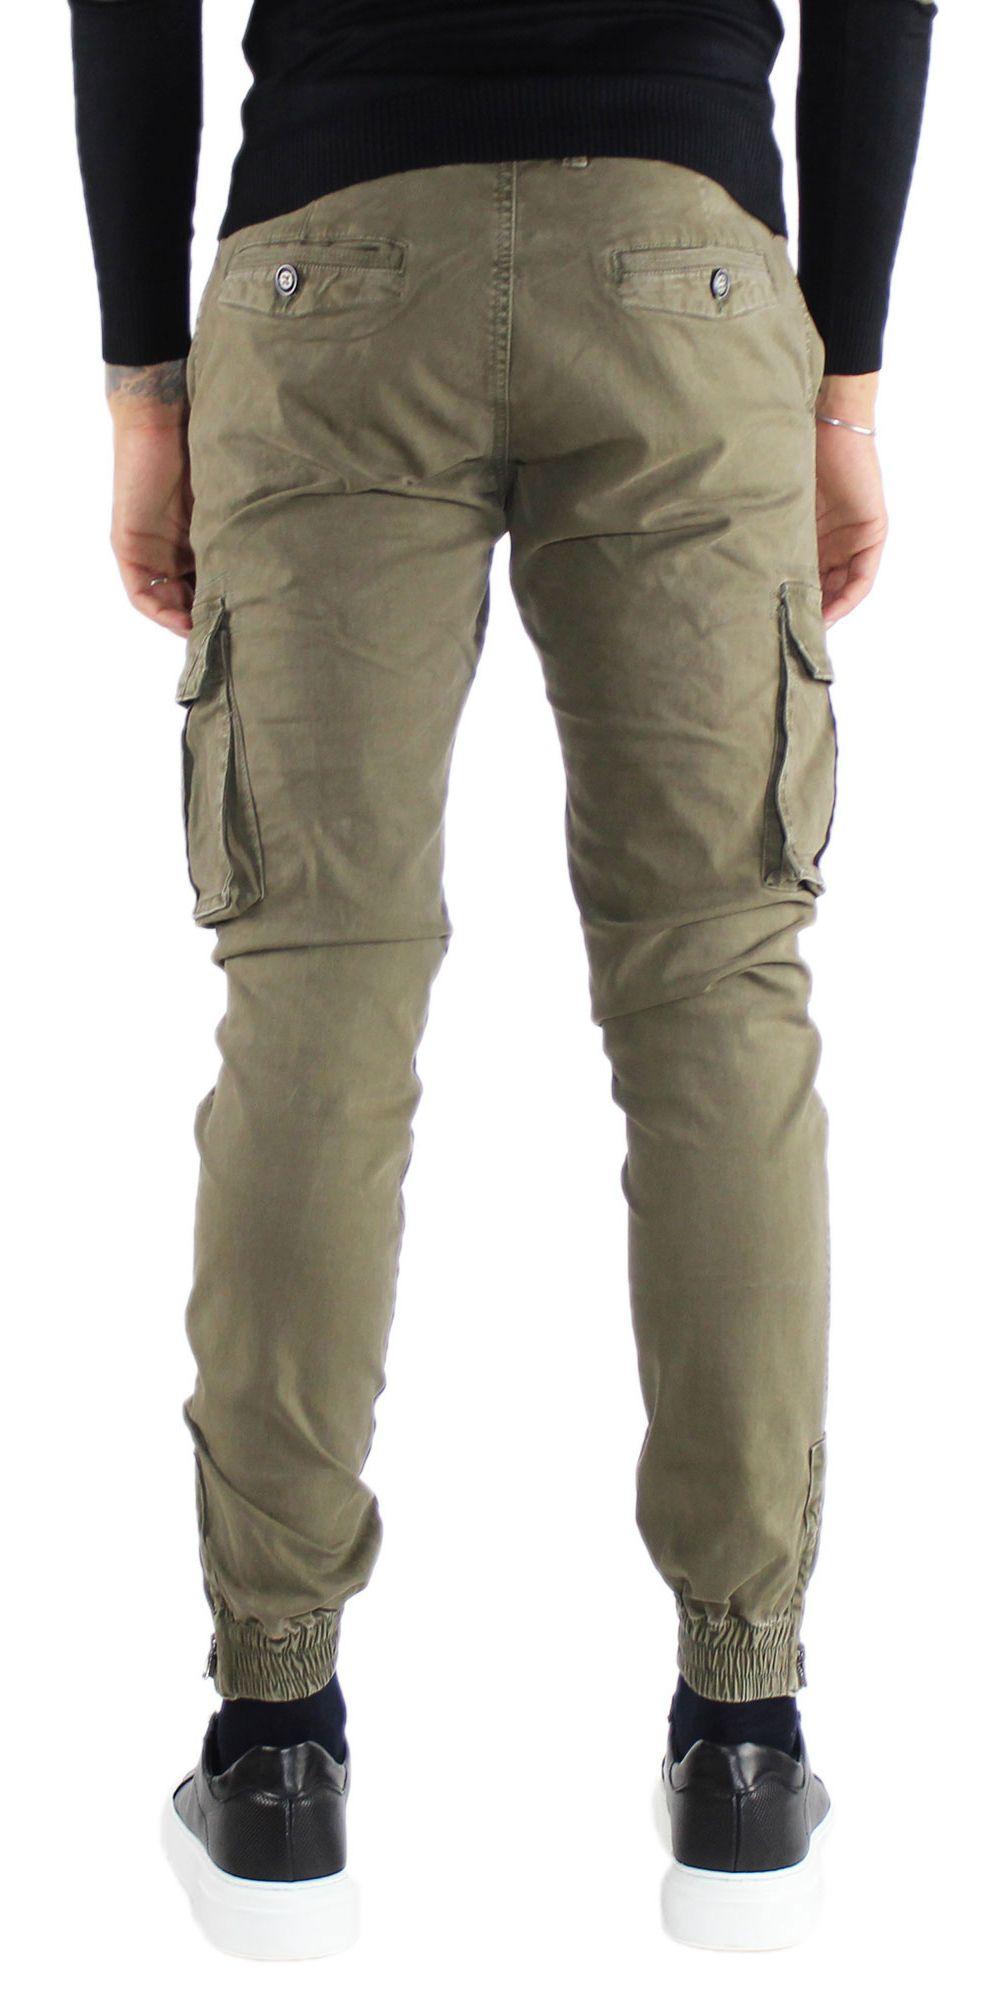 Pantaloni-Cargo-Uomo-Tasche-Laterali-Invernali-Cotone-Slim-Fit-Tasconi-Casual miniatura 21